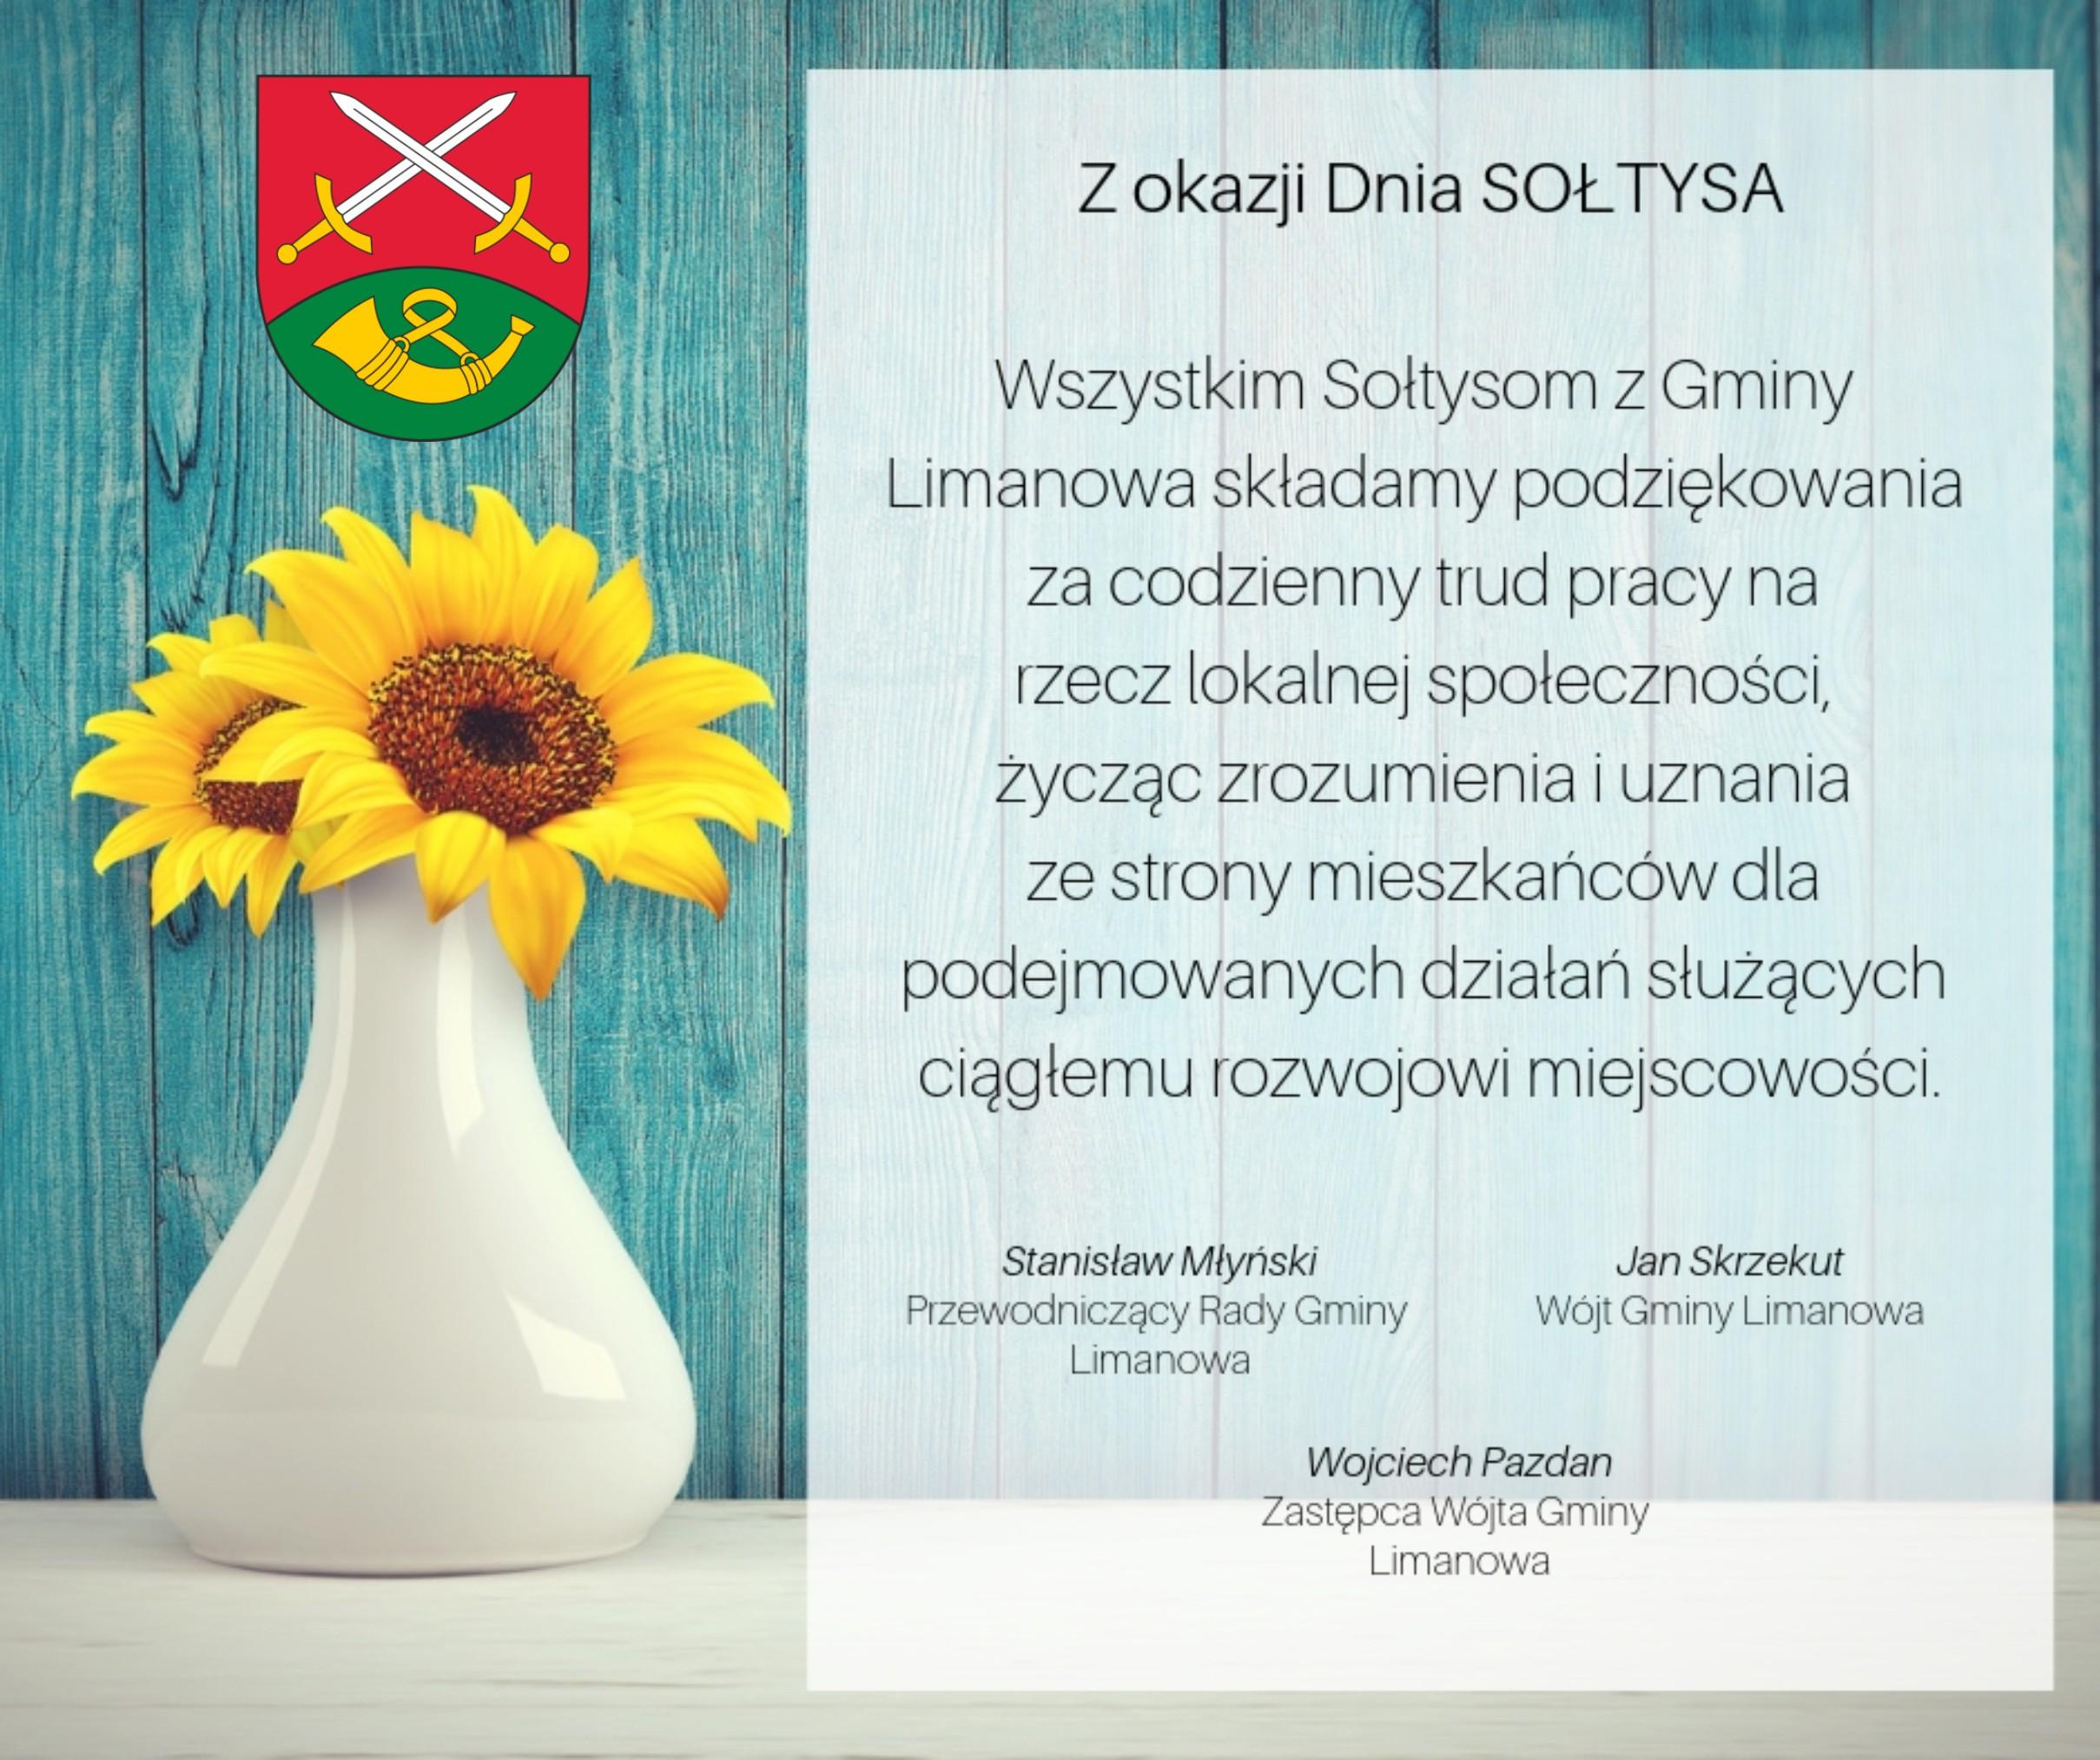 11marca Dzień Sołtysa - życzenia dla wszystkich sołtysów z Gminy Limanowa - zdjęcie główne